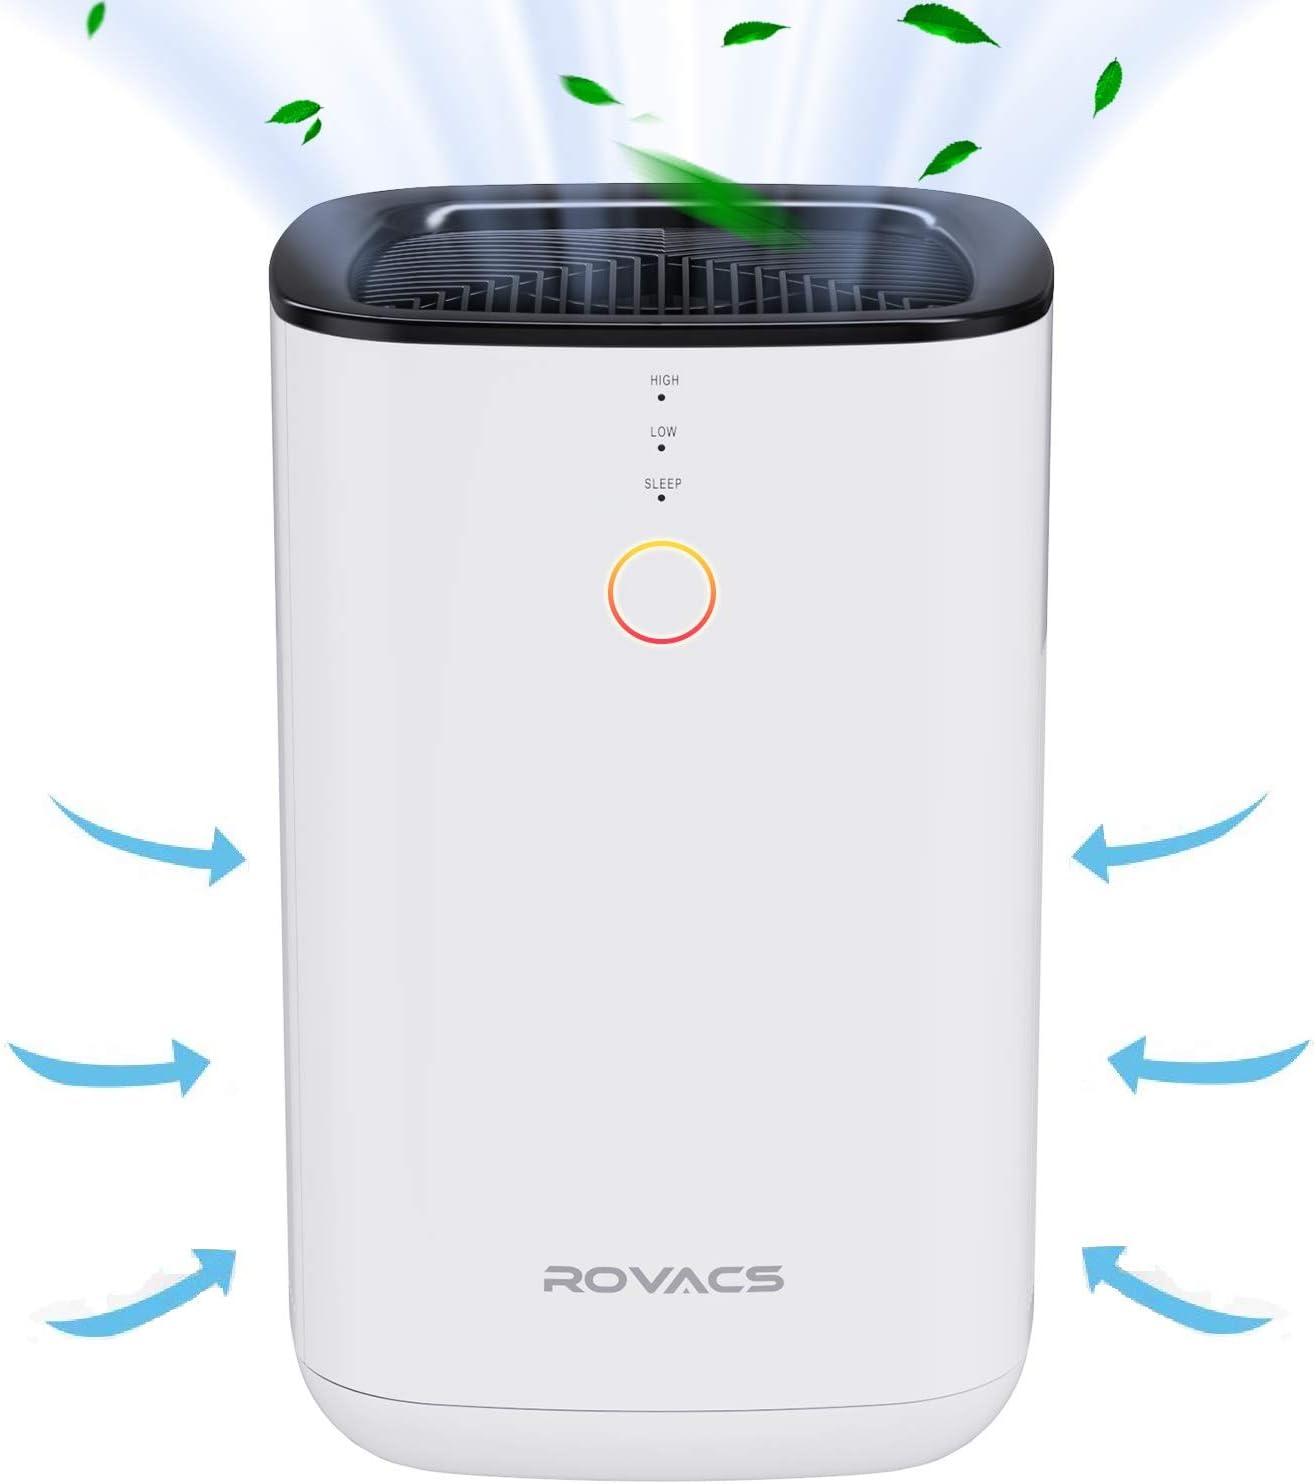 ROVACS Purificador de Aire Doméstico, CADR 88 m³ / h, Filtro HEPA H13 Que Elimina el 99,97% de Alergias, Caspa de Mascotas, Polvo, Limpiadores de Aire de Escritorio, Modo de Suspensión, 24 dB